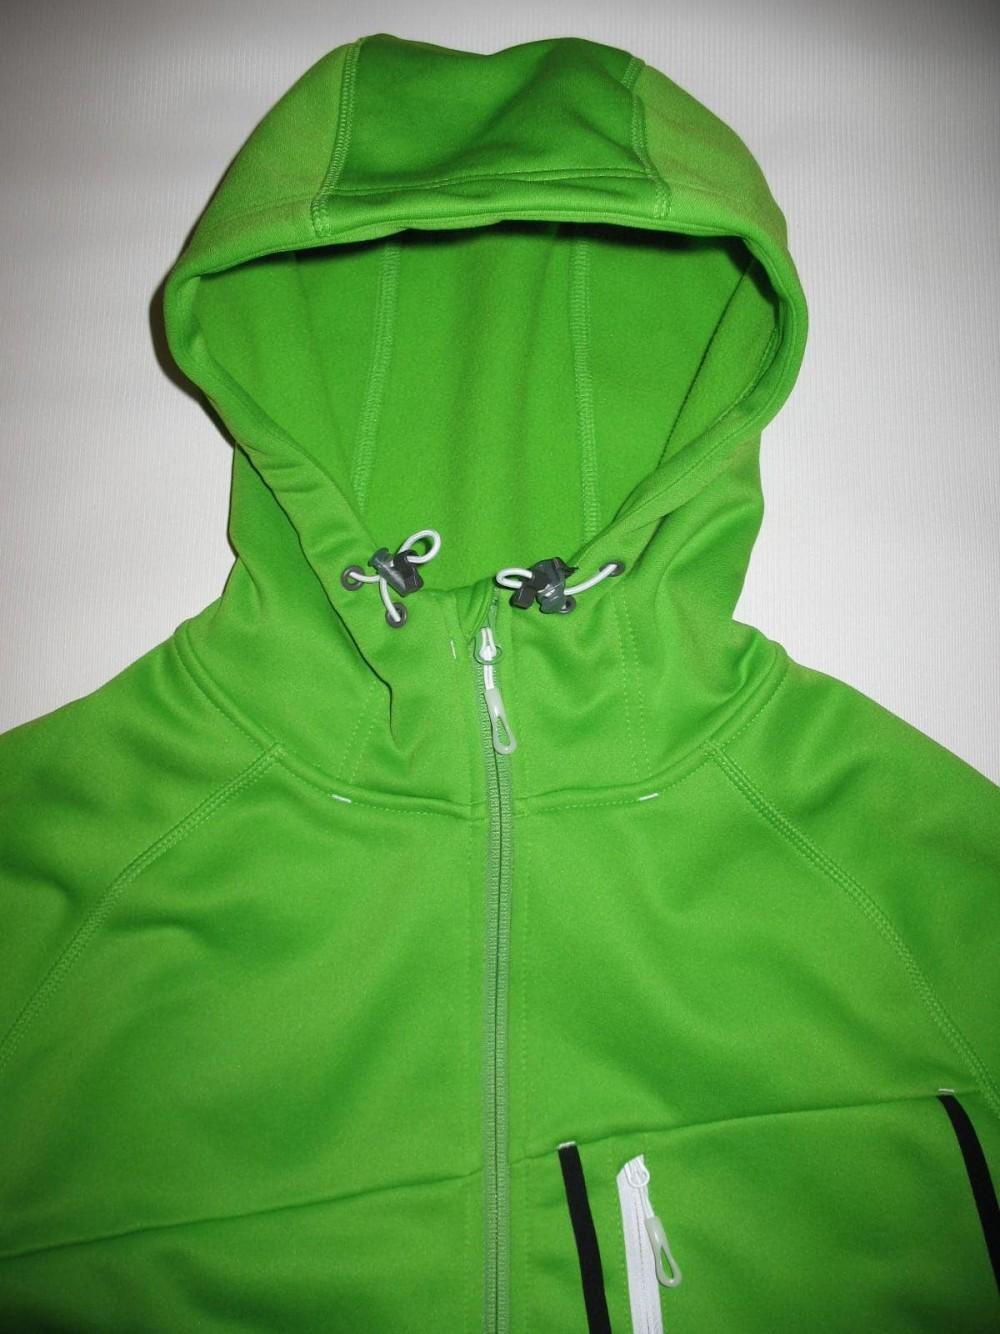 Кофта SALOMON actitherm fleece hoodies (размер XXL) - 2